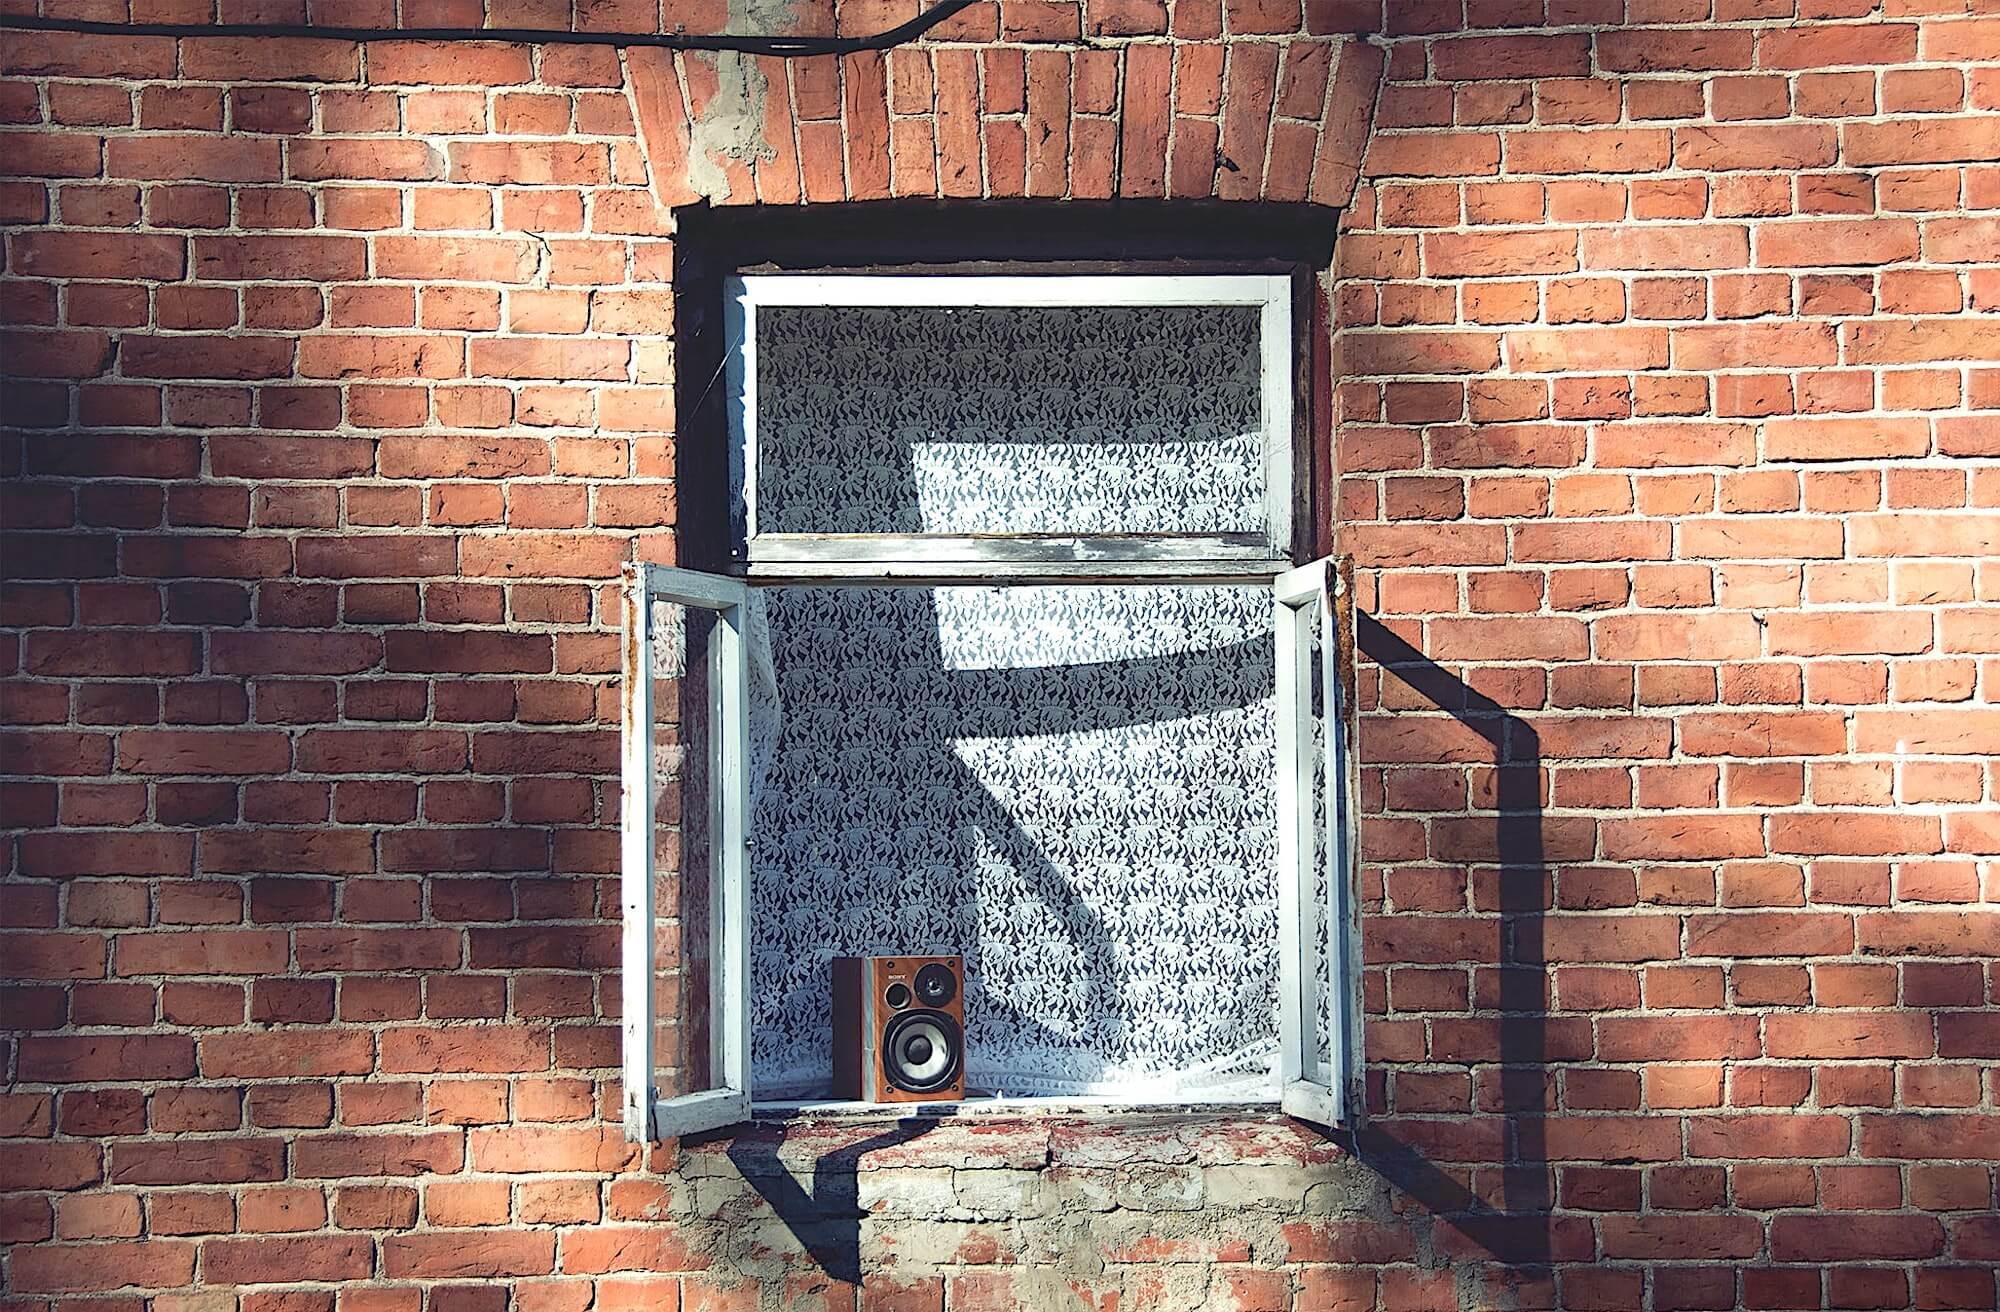 Фотография: Kristina Litvjak. Источник: Unsplash.com